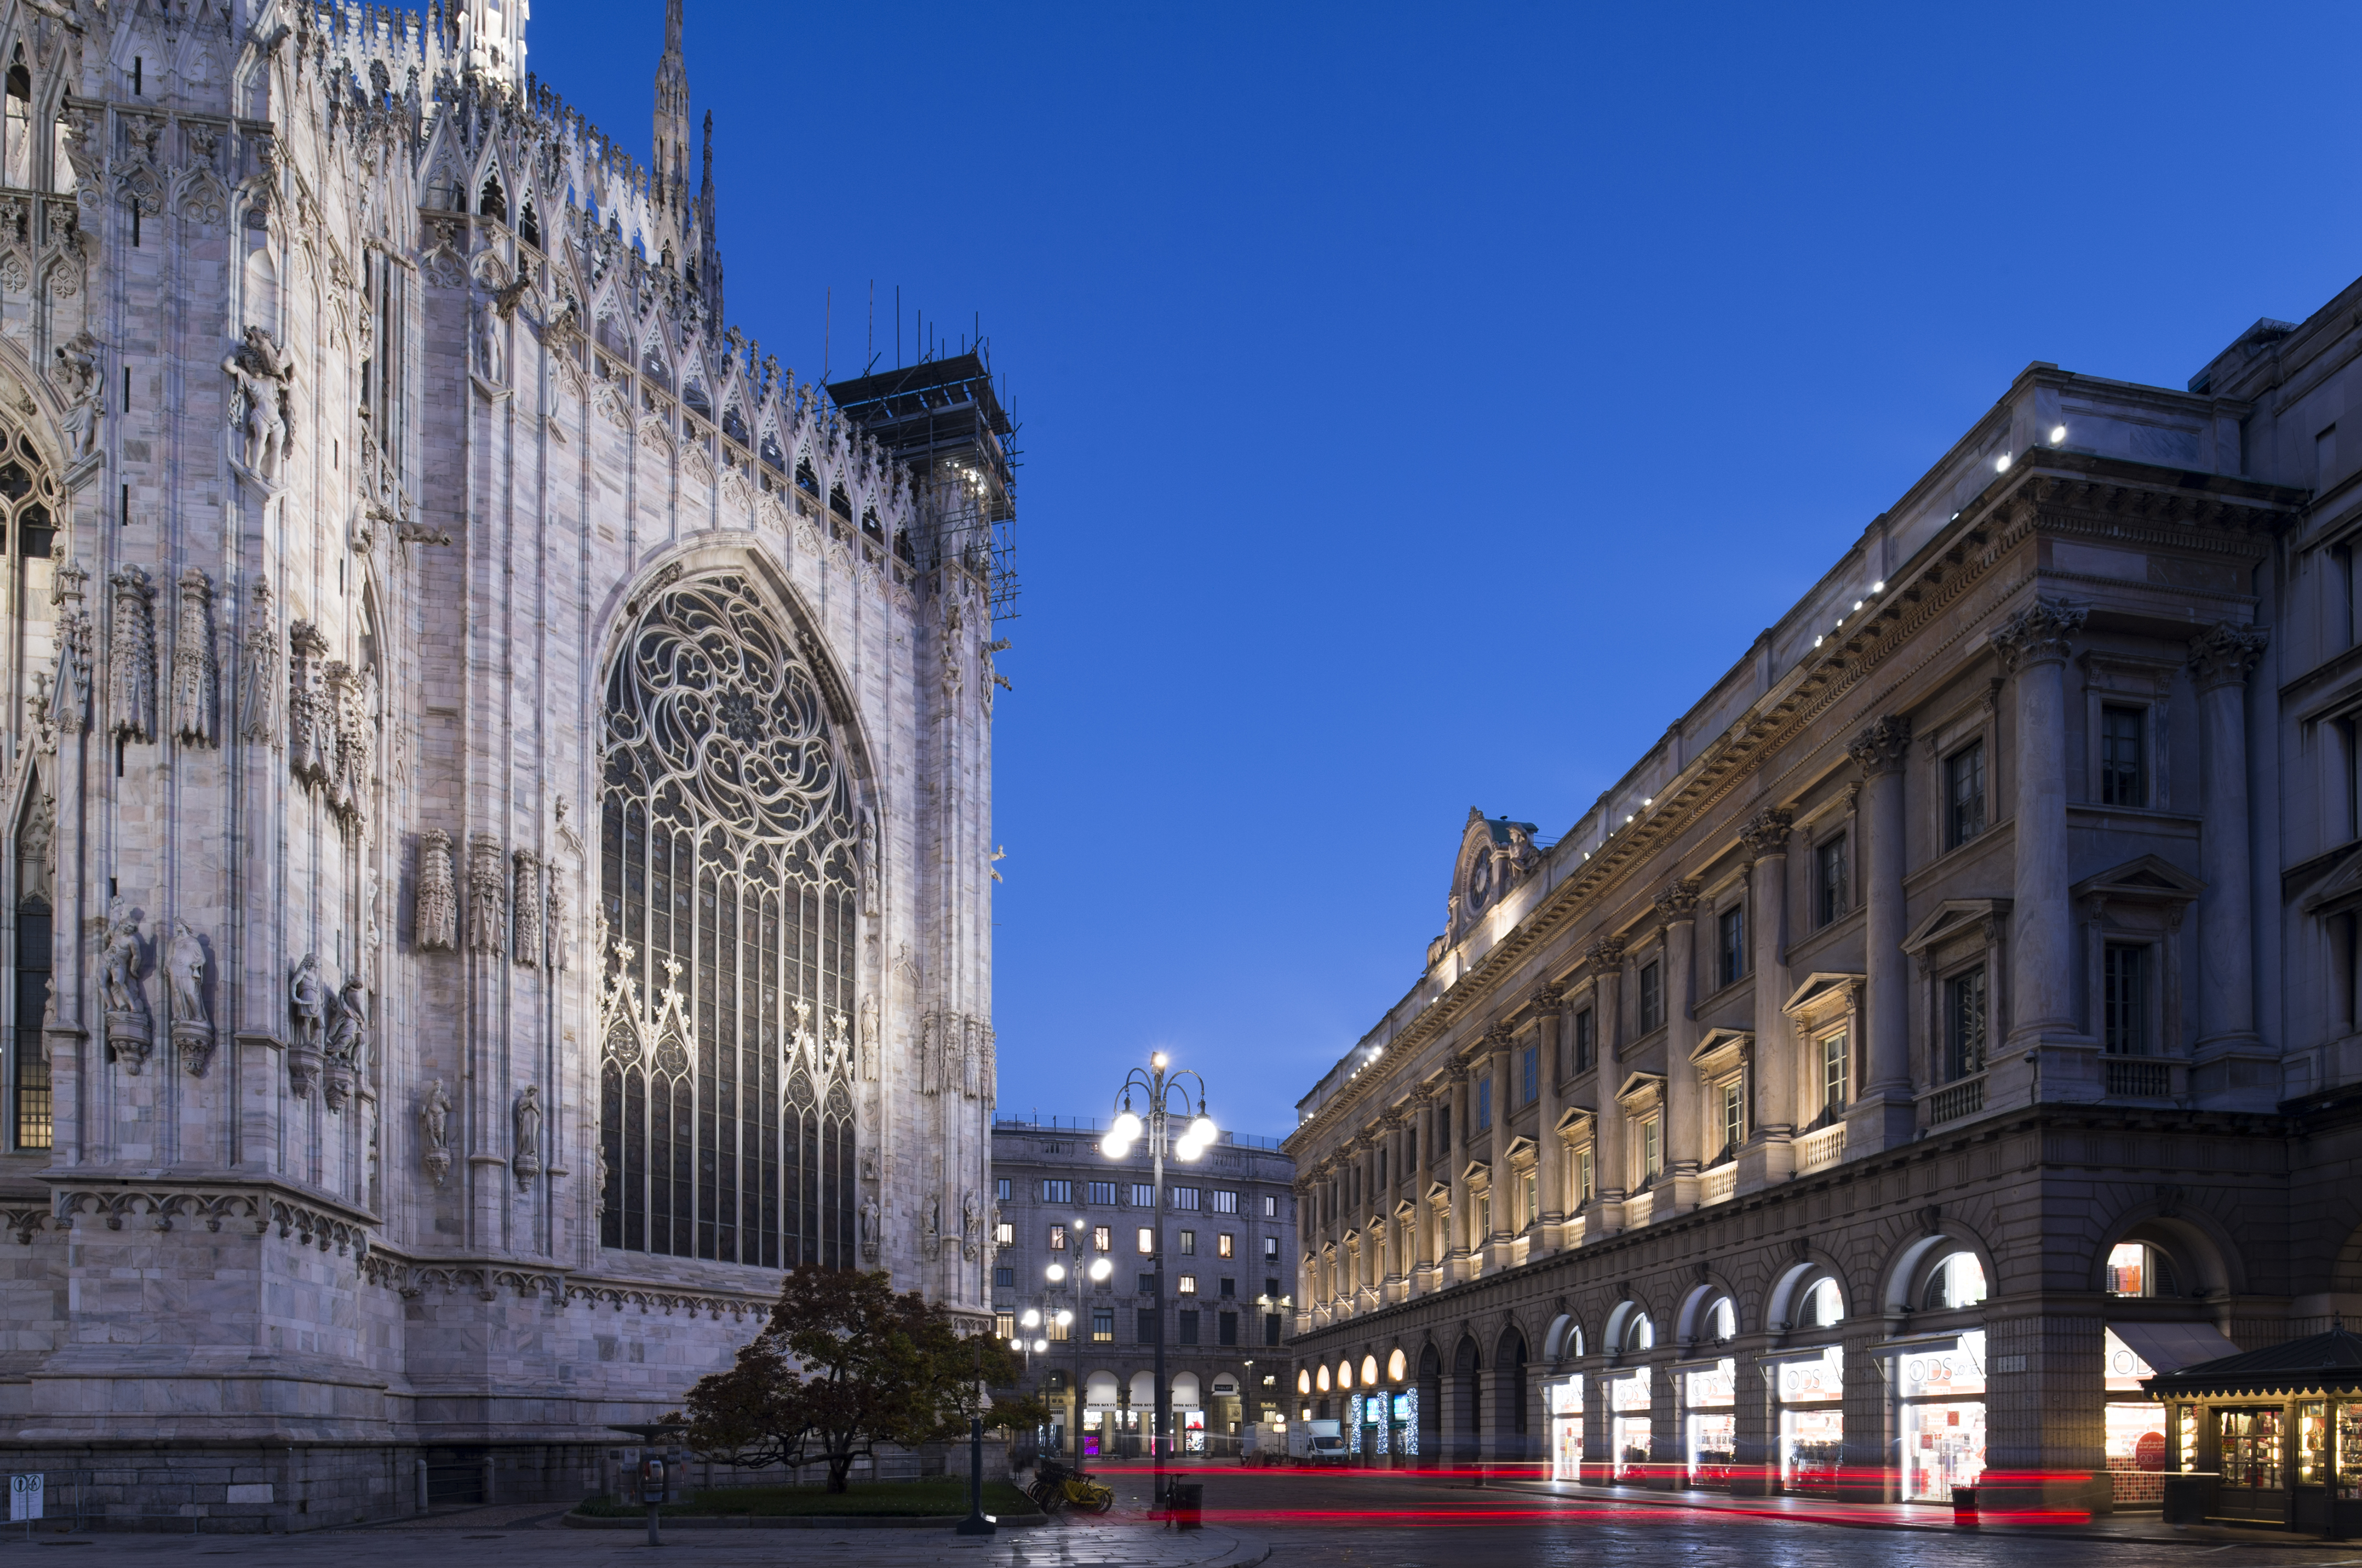 Duomo esterno notte luce per osservare luce e design